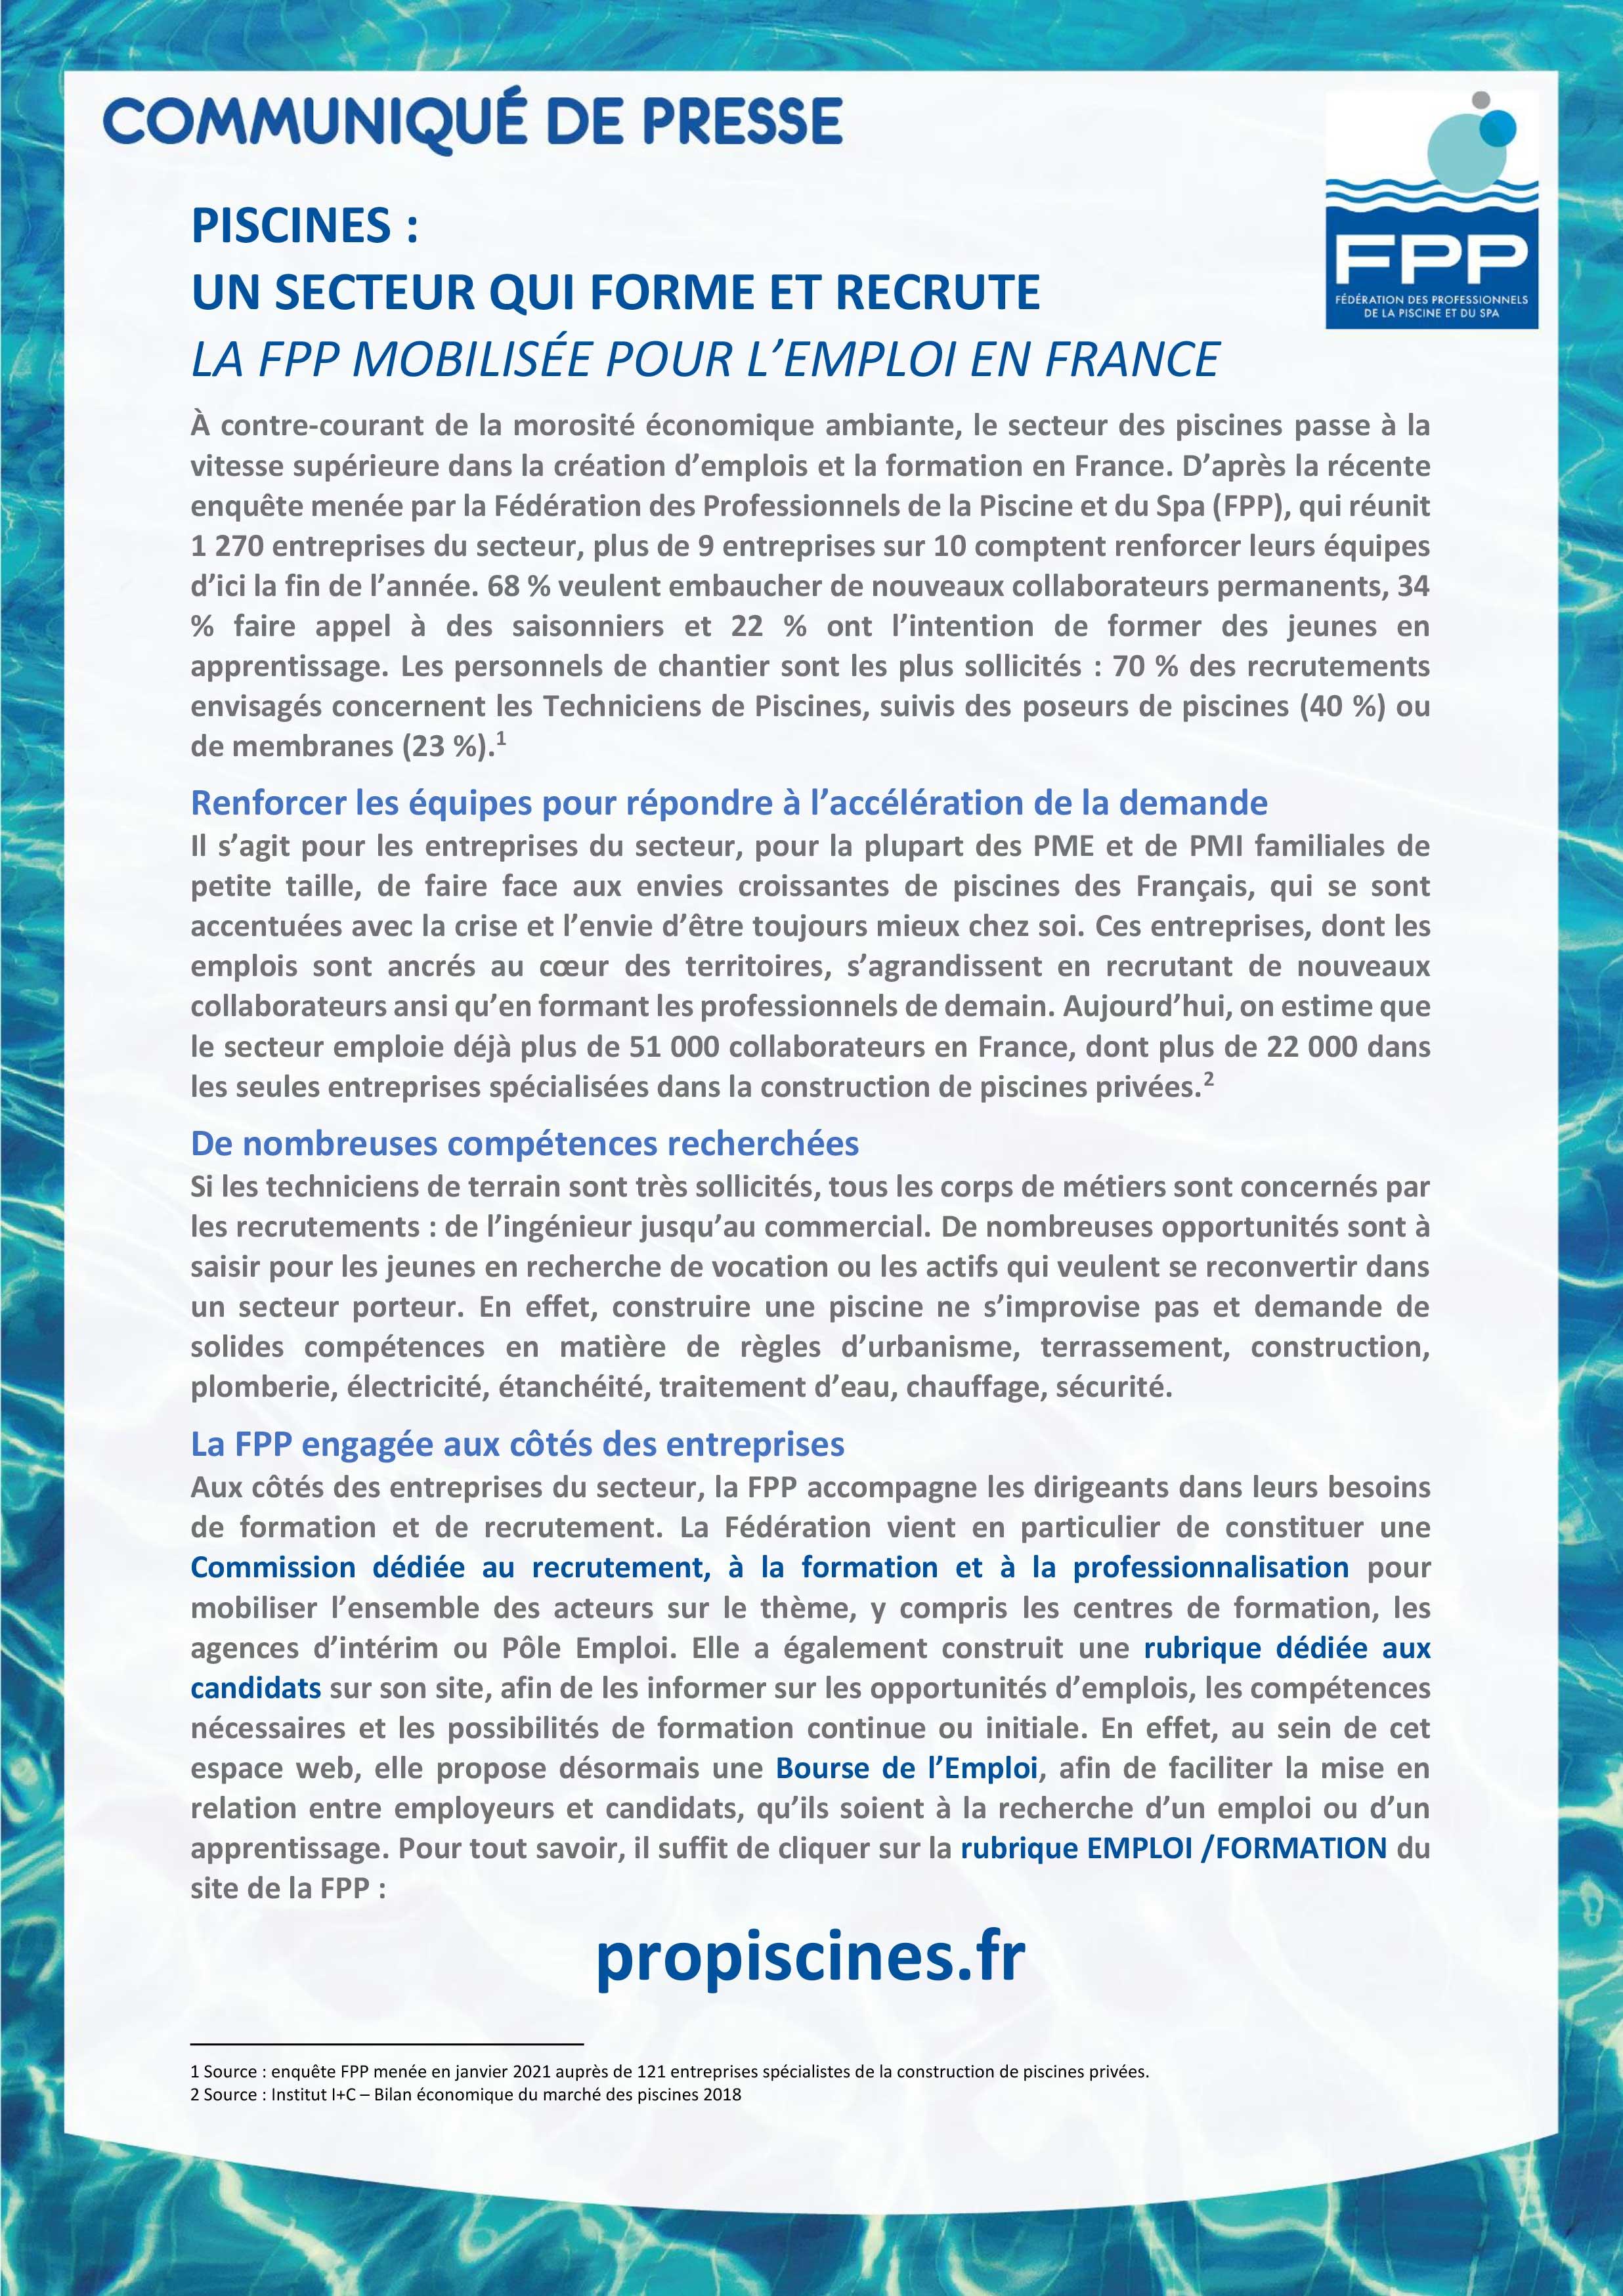 première page du communiqué de presse de la FPP sur l'emploi